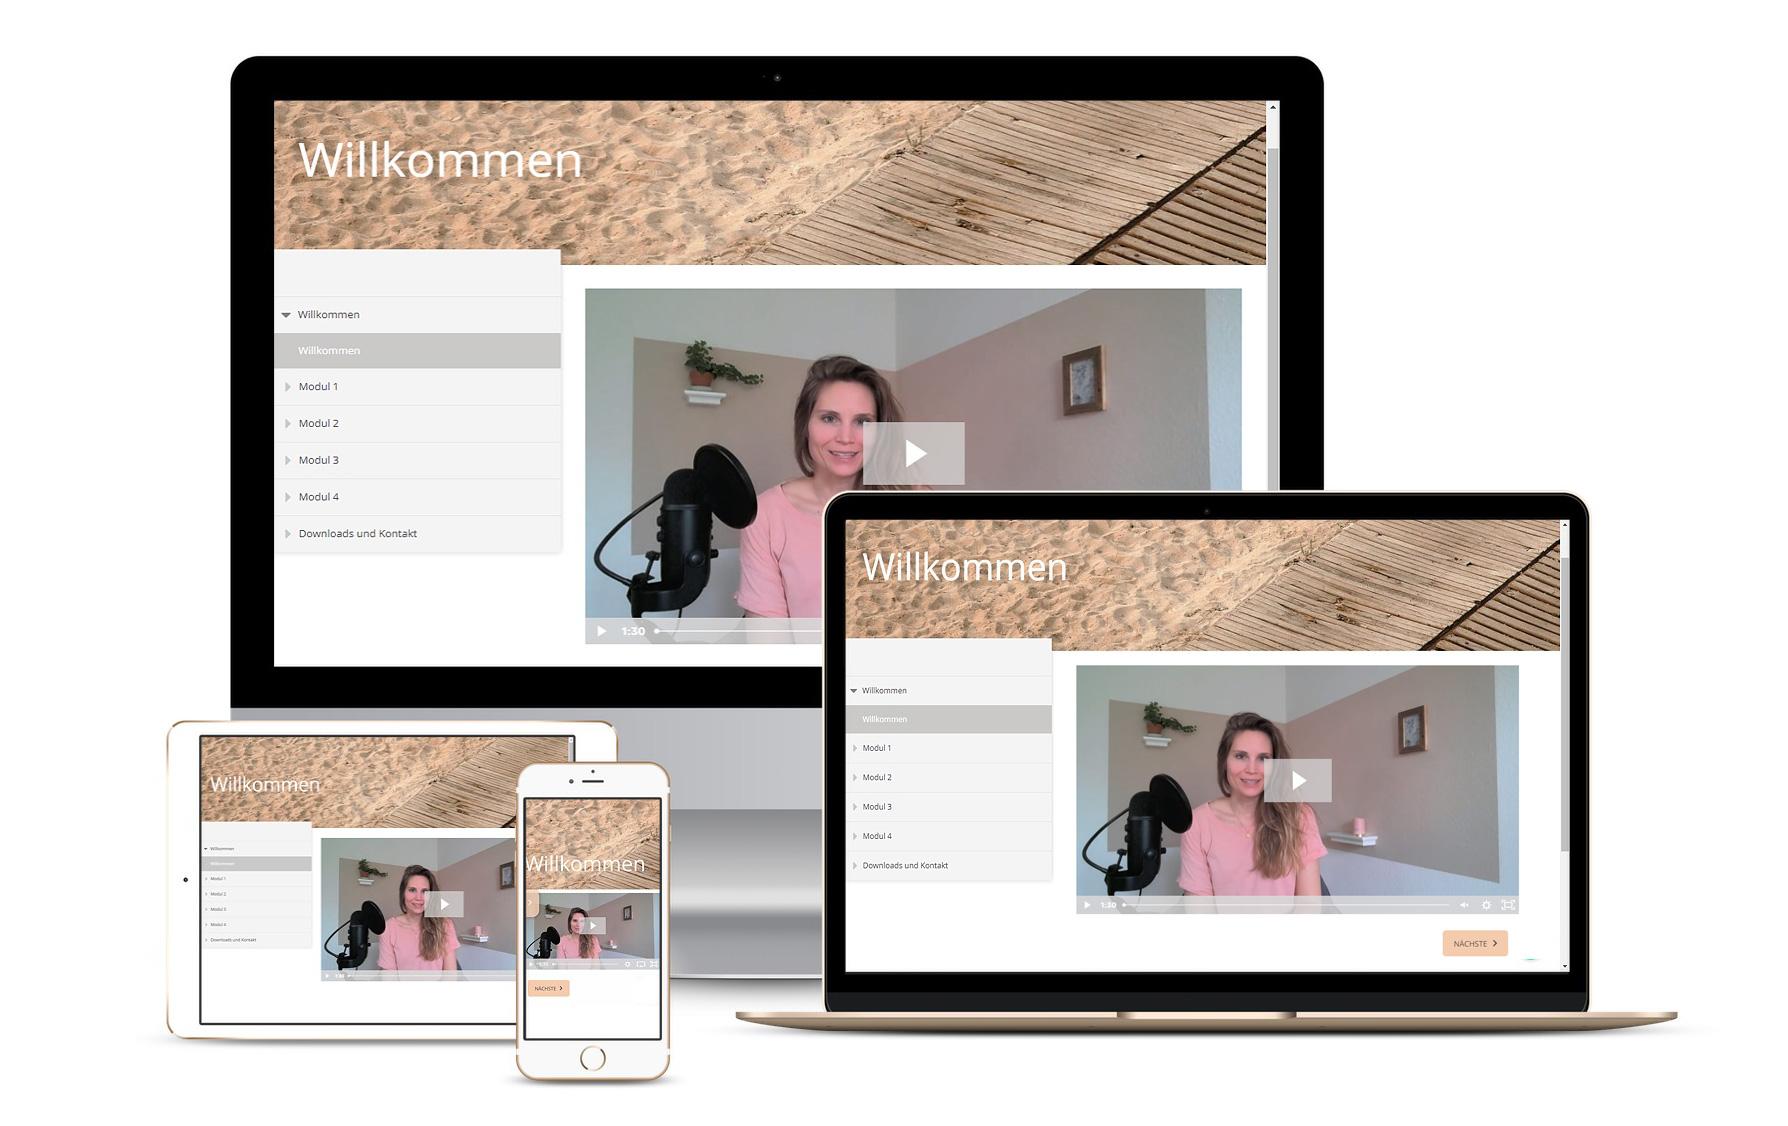 Verschiedene Screenshots zeigen den Kurs